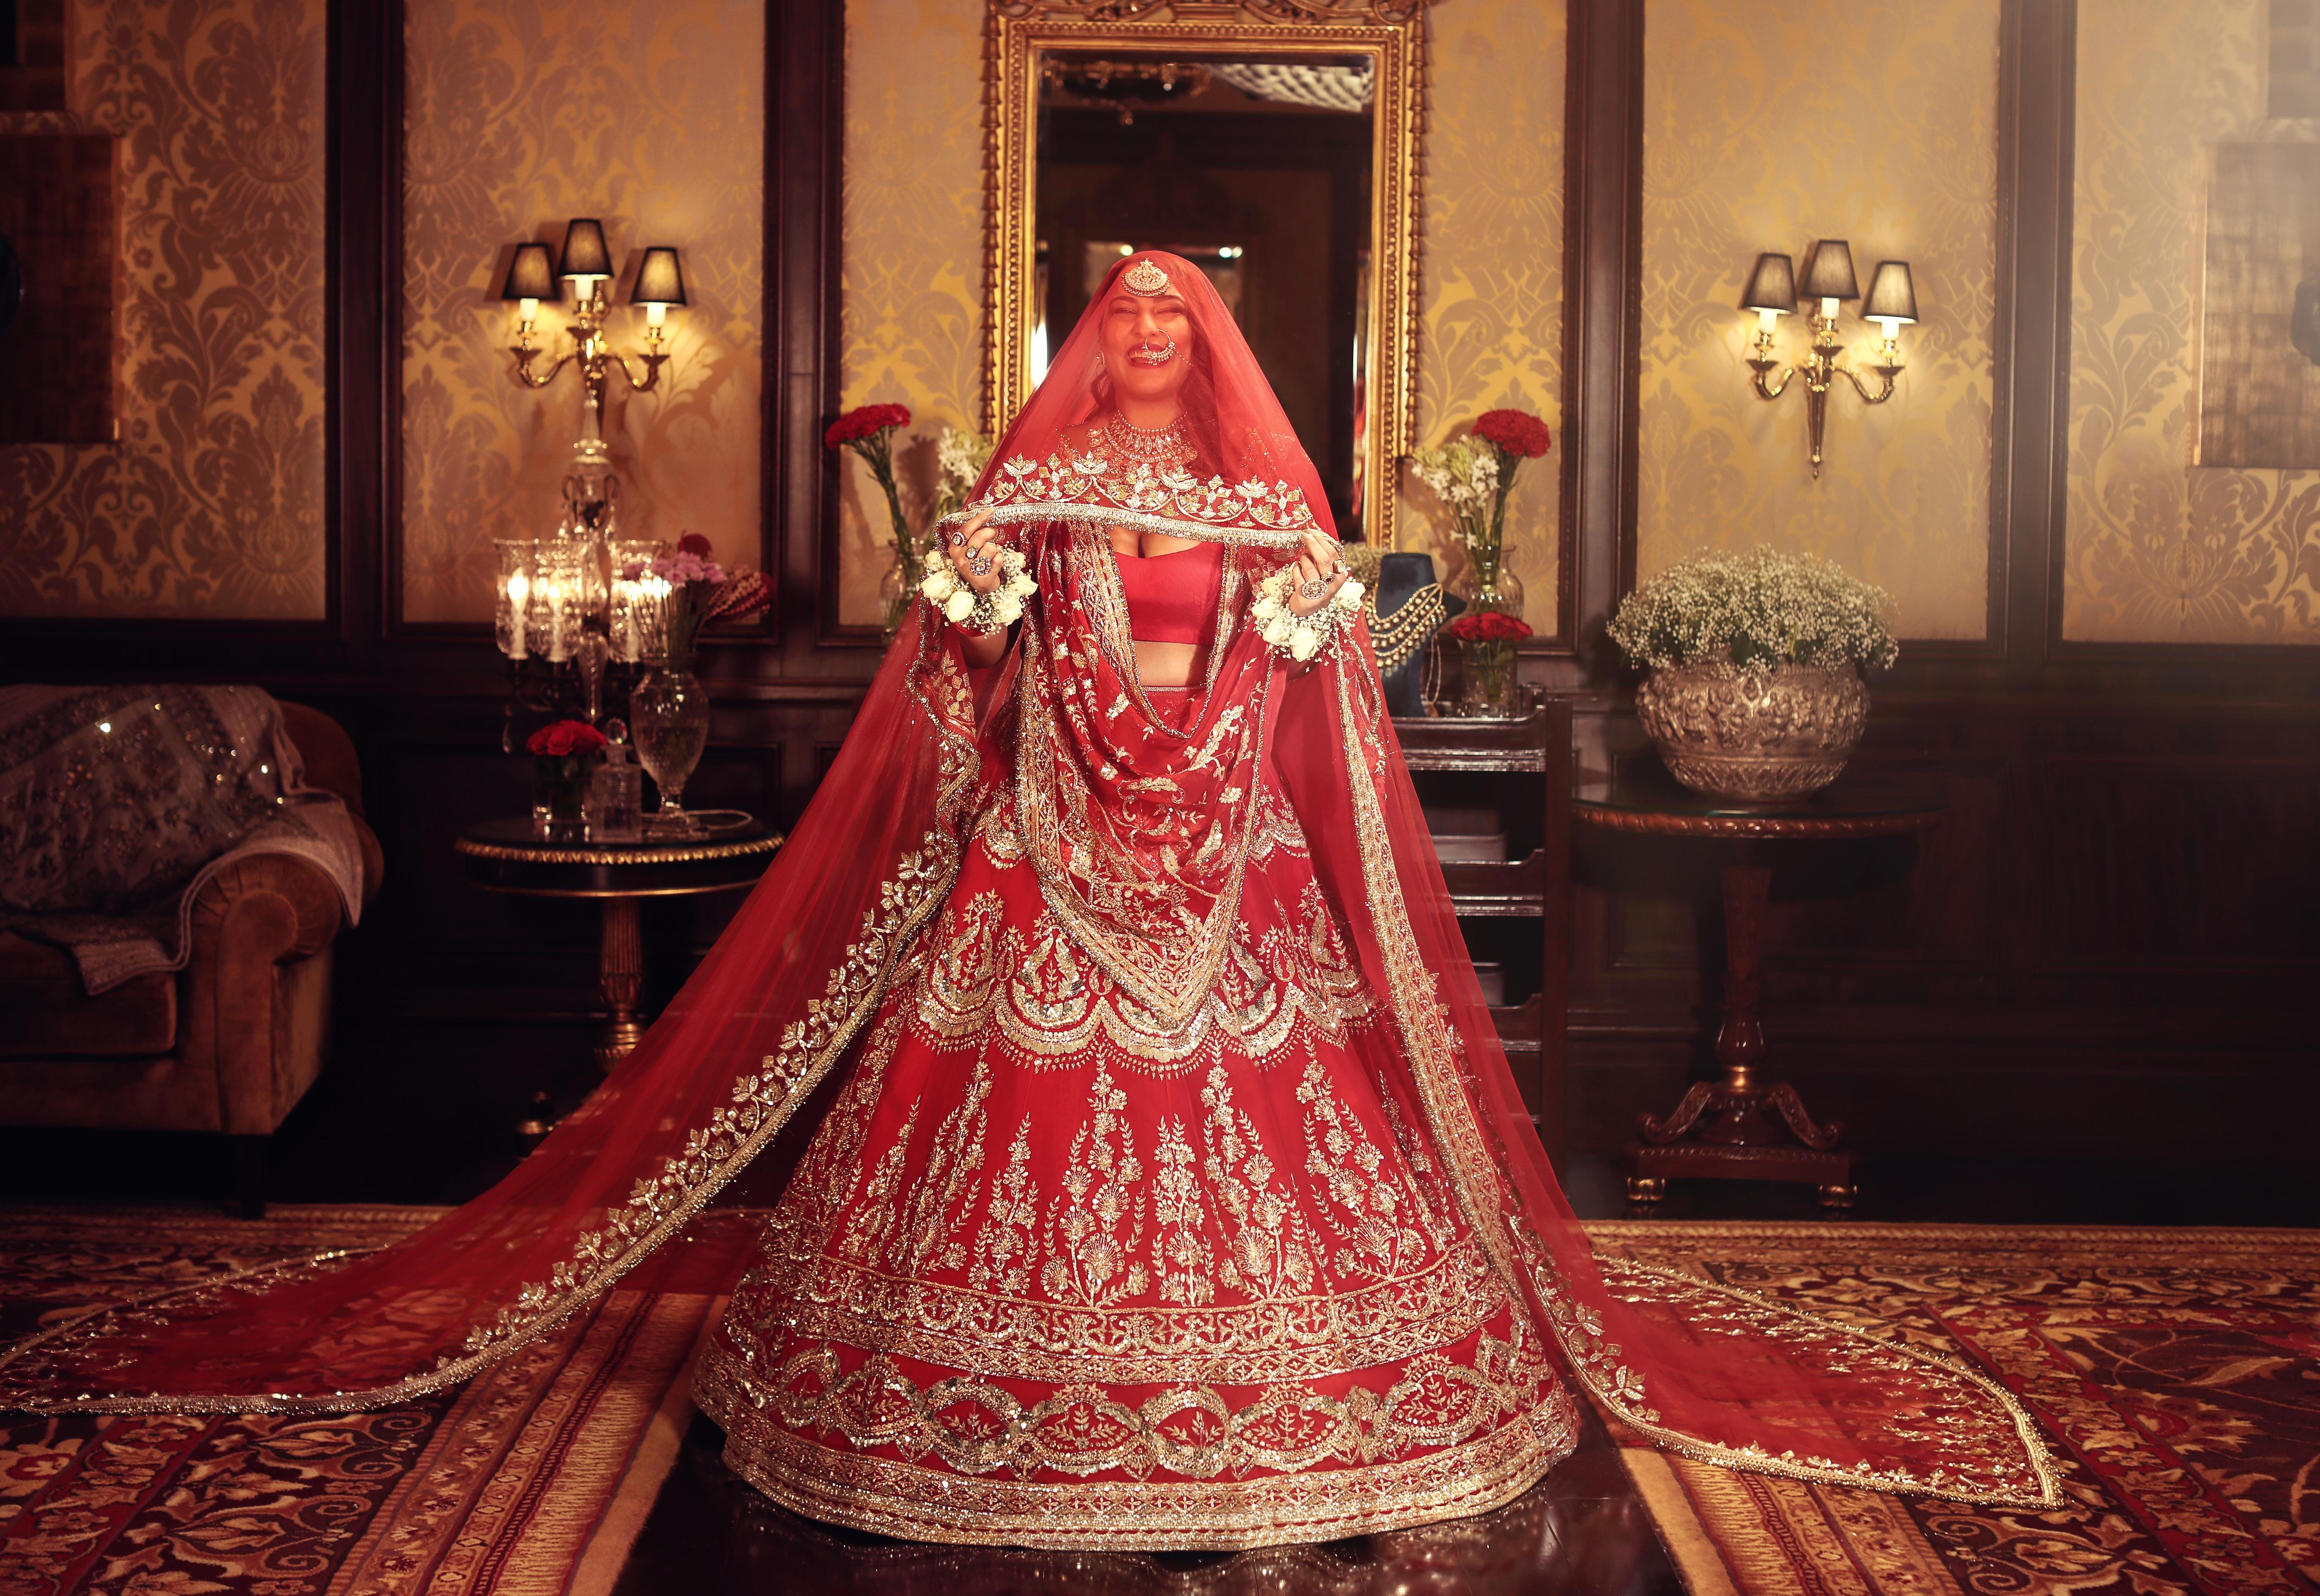 The fun bride